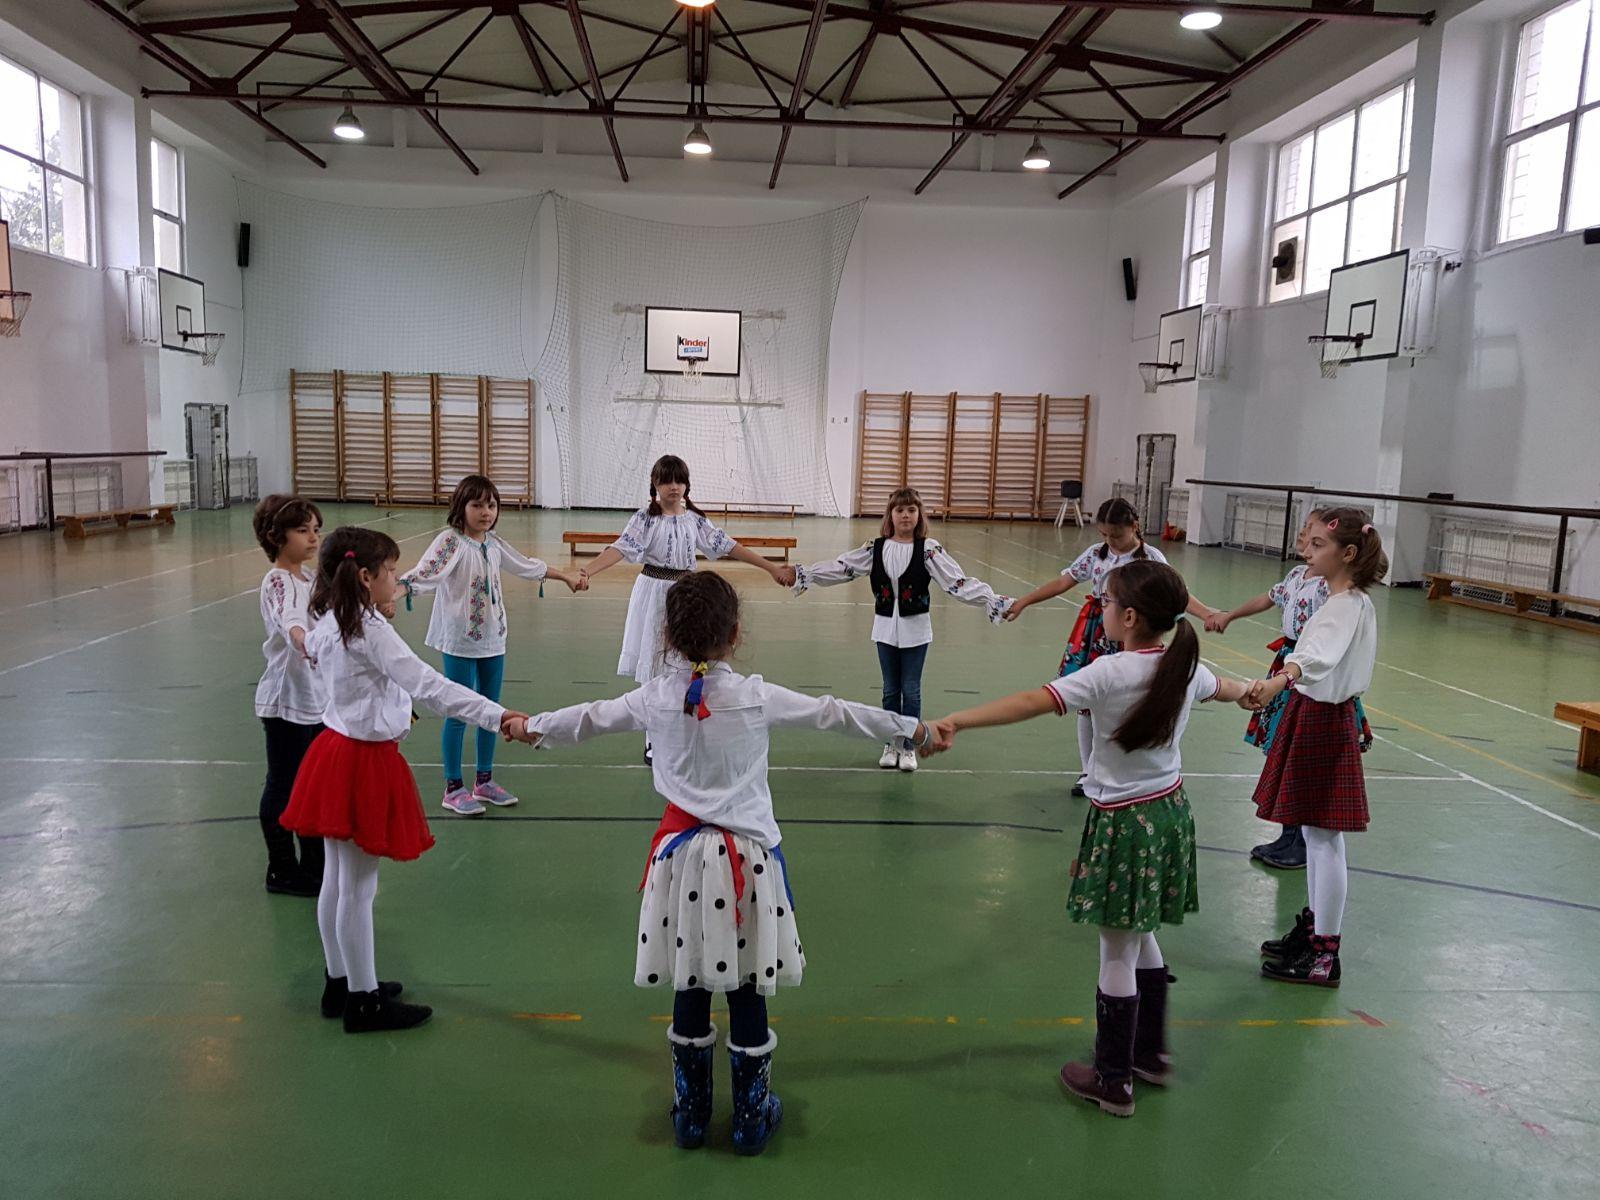 http://www.scoala12bucuresti.ro/site/wp-content/uploads/2017/12/12.jpg